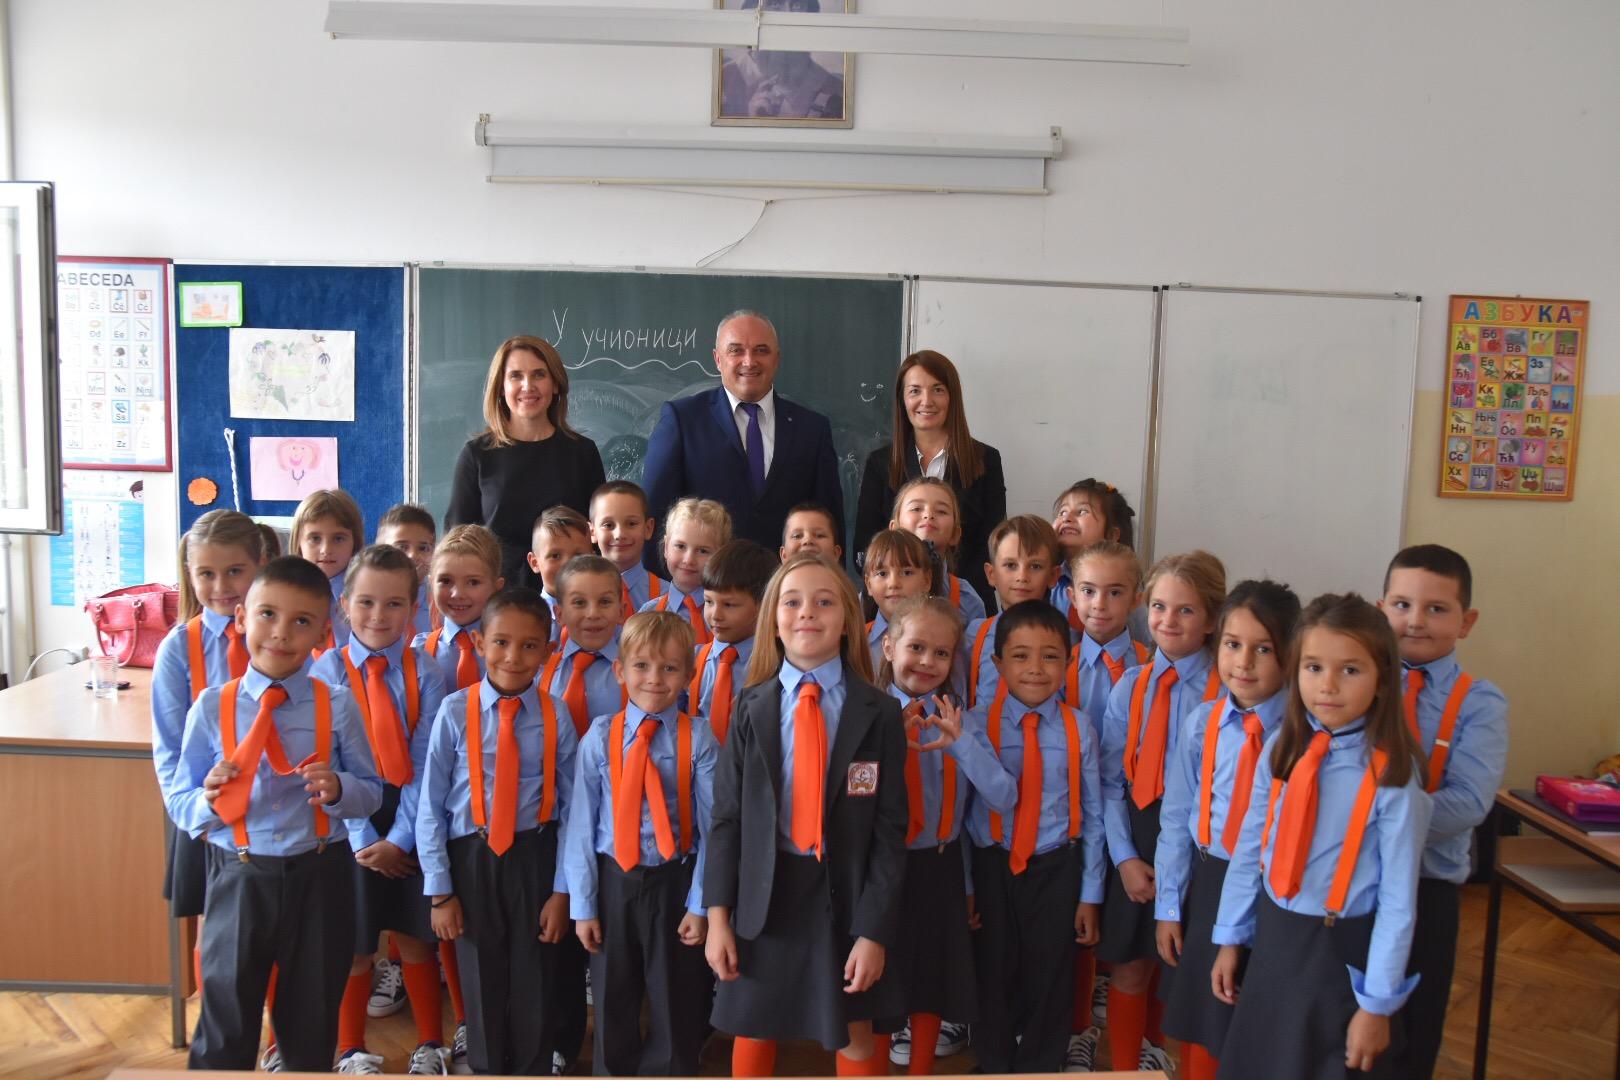 82cb225041 Jednaki među jednakima  Ovako izgledaju školske uniforme!